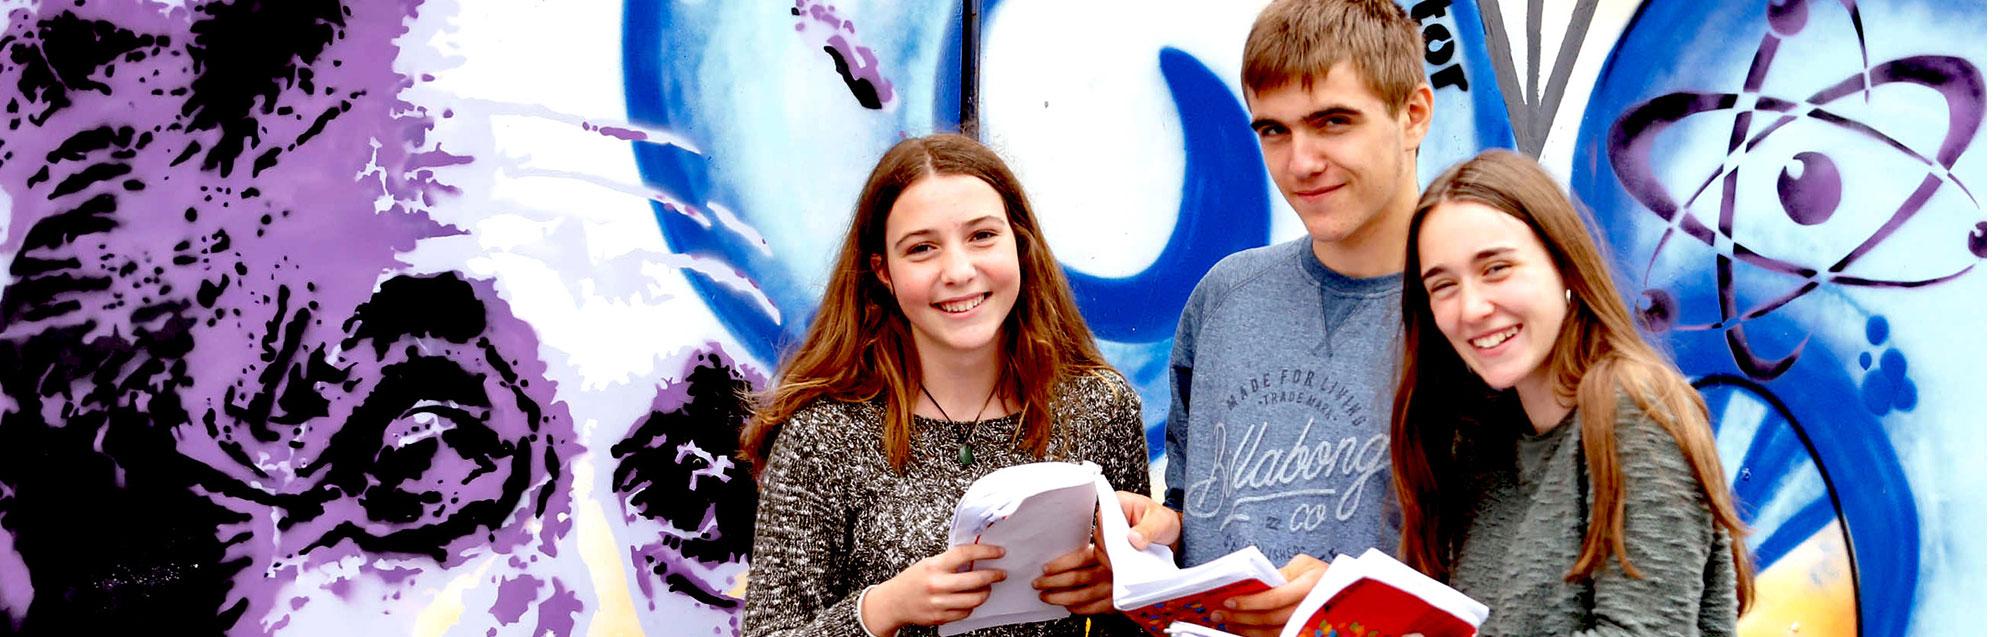 Cursos de inglés para niños y jóvenes con Cork English College